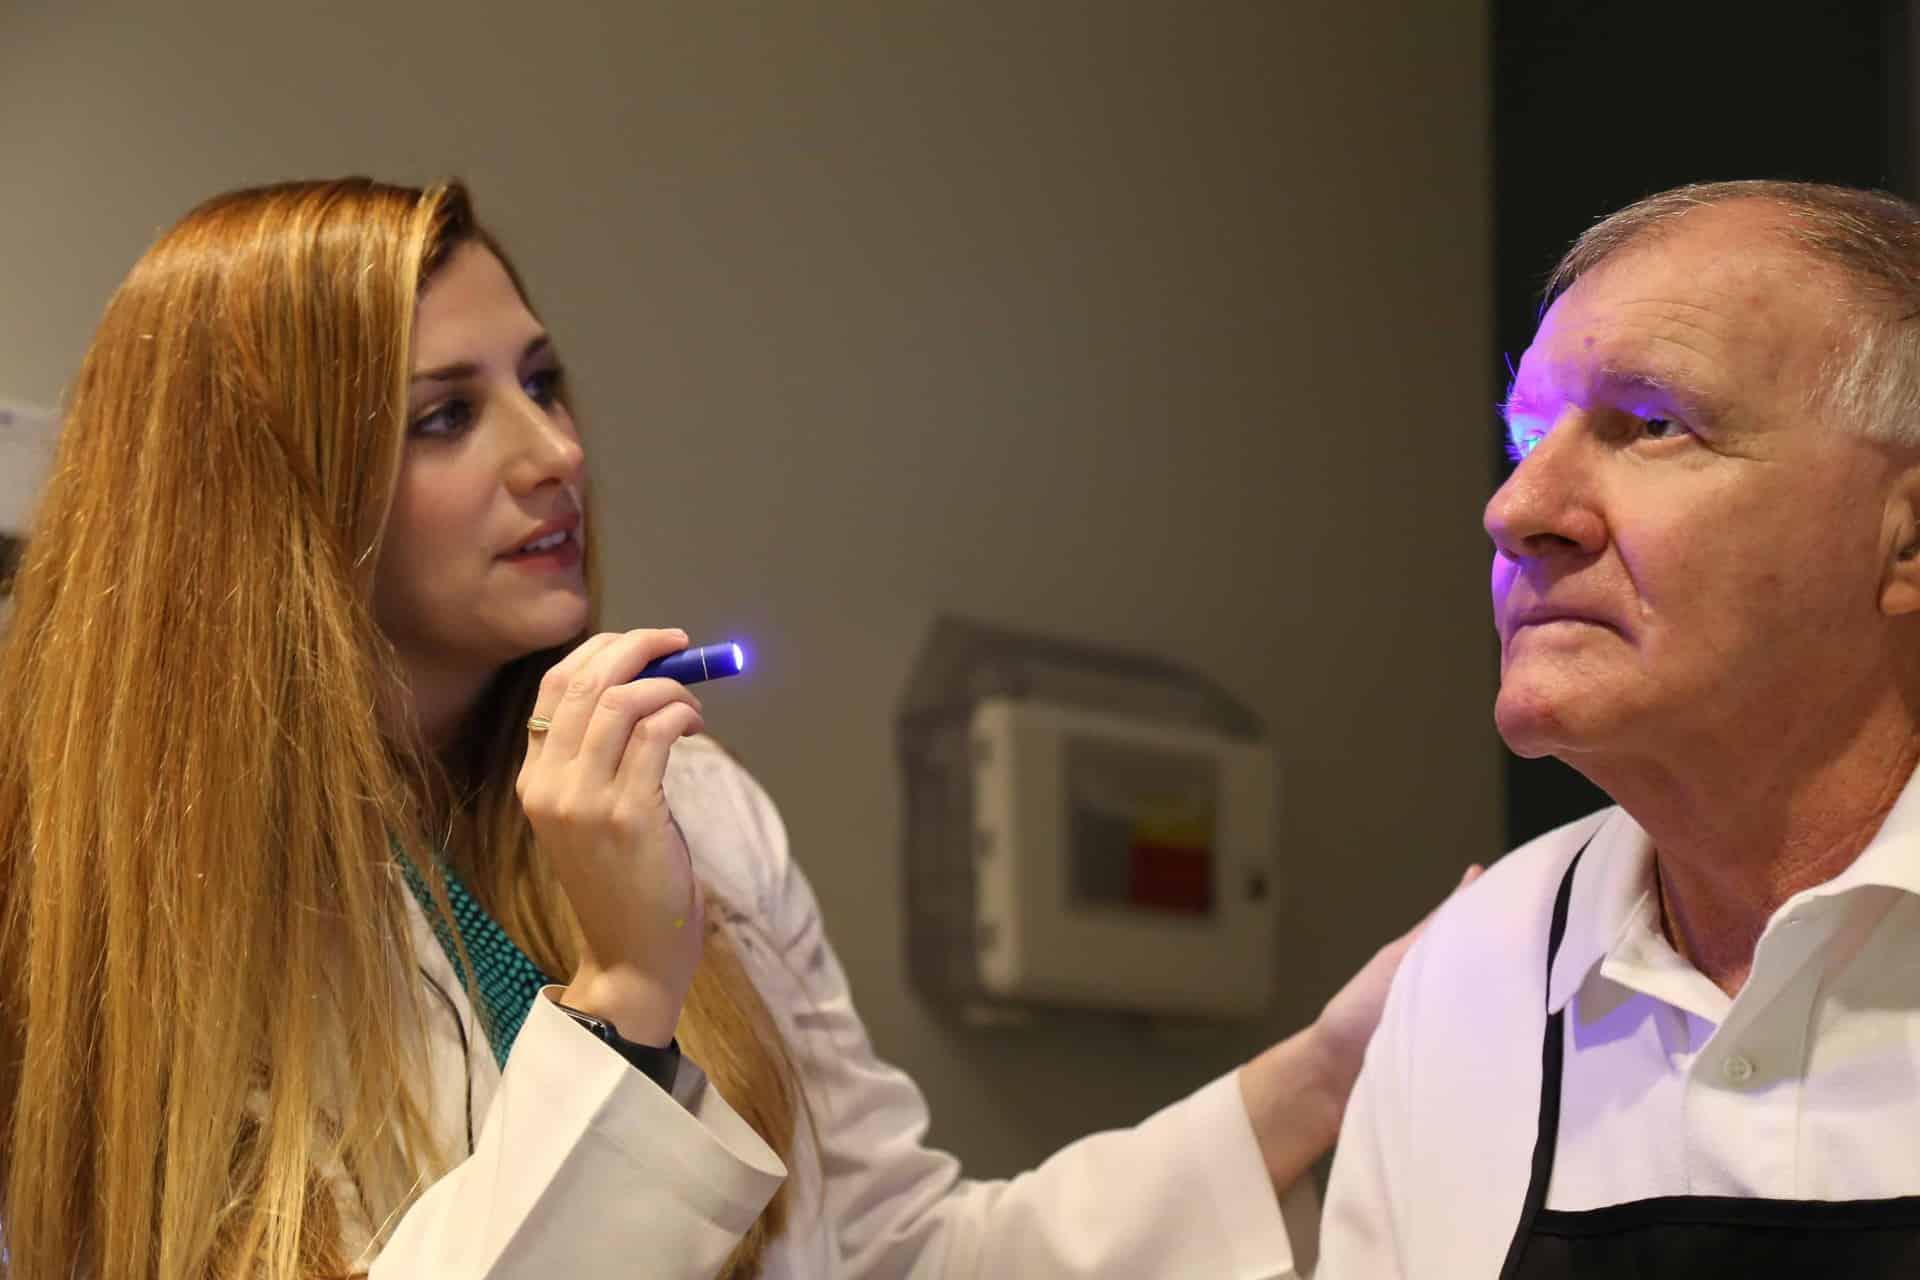 Katie Brown, O.D. examines Mack Farris' eye.